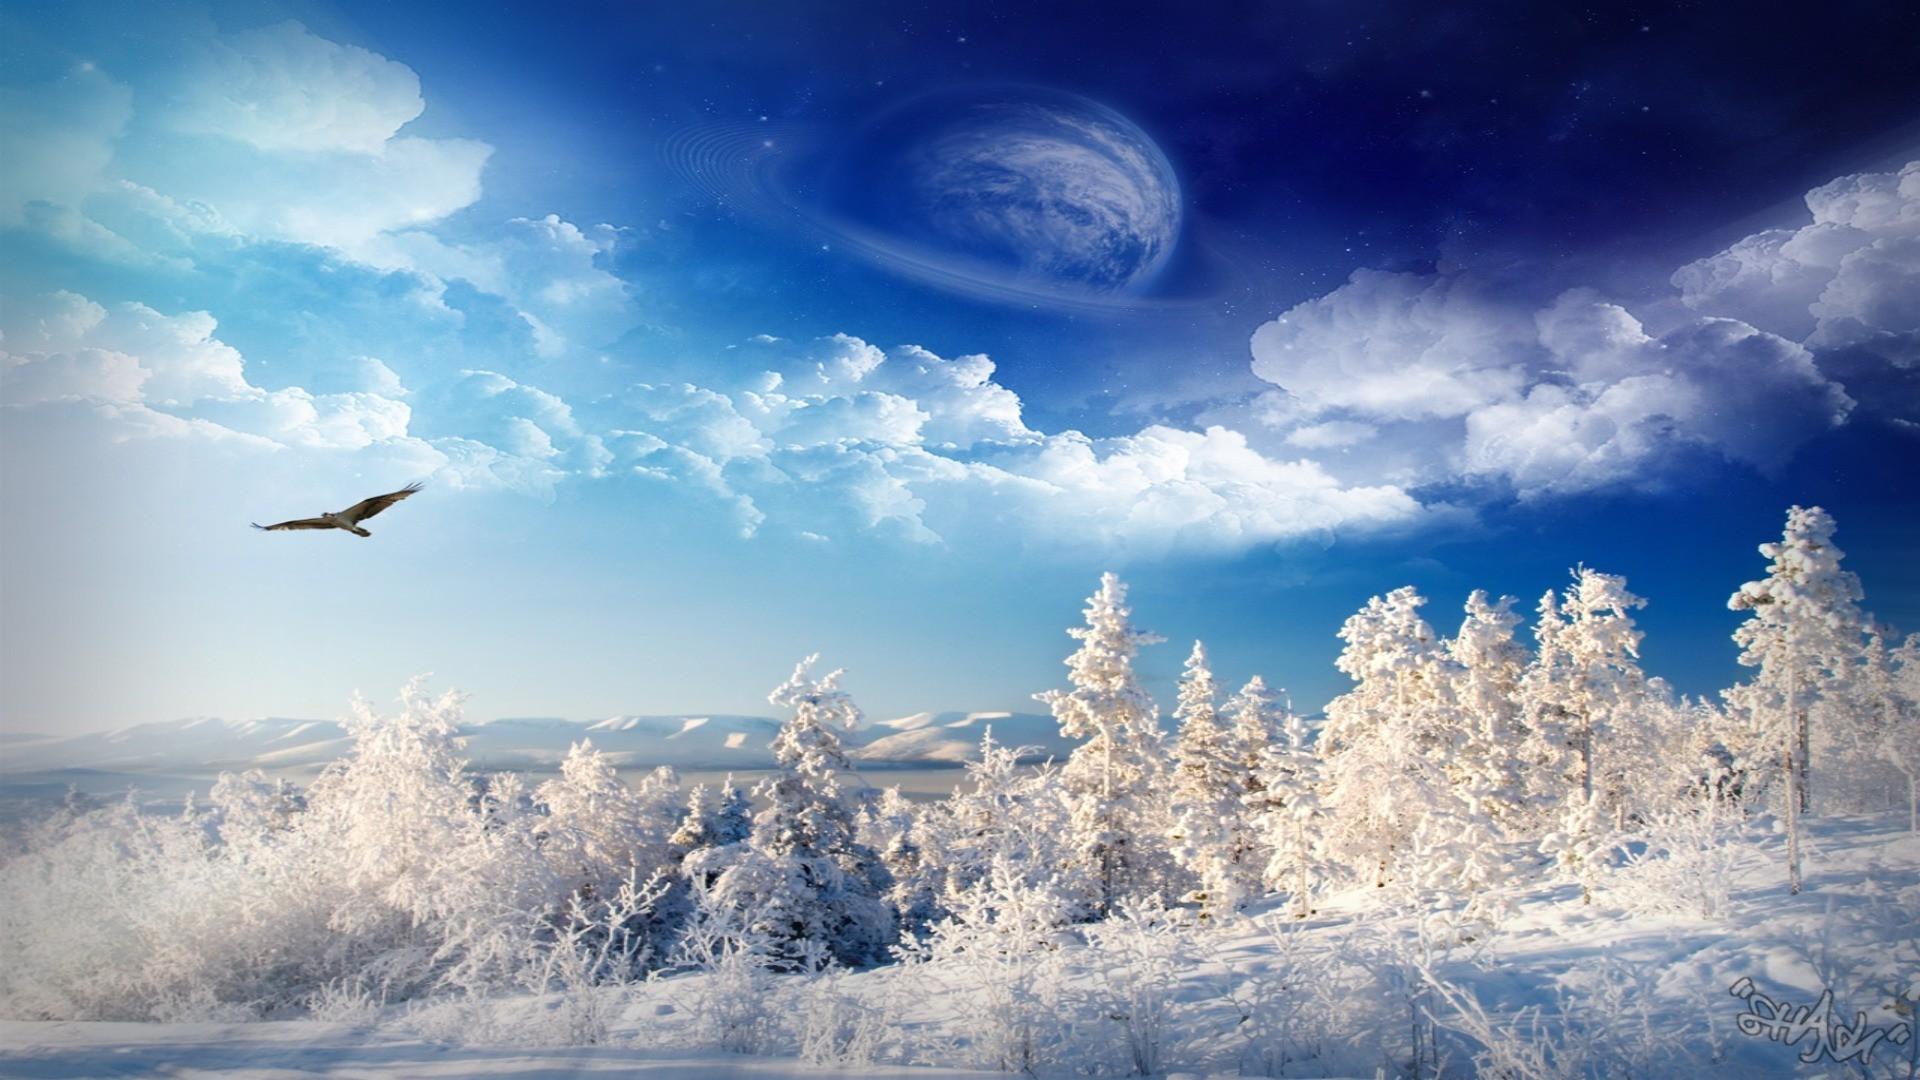 безболезненная, картинки на рабочий стол небо солнце снег трахает